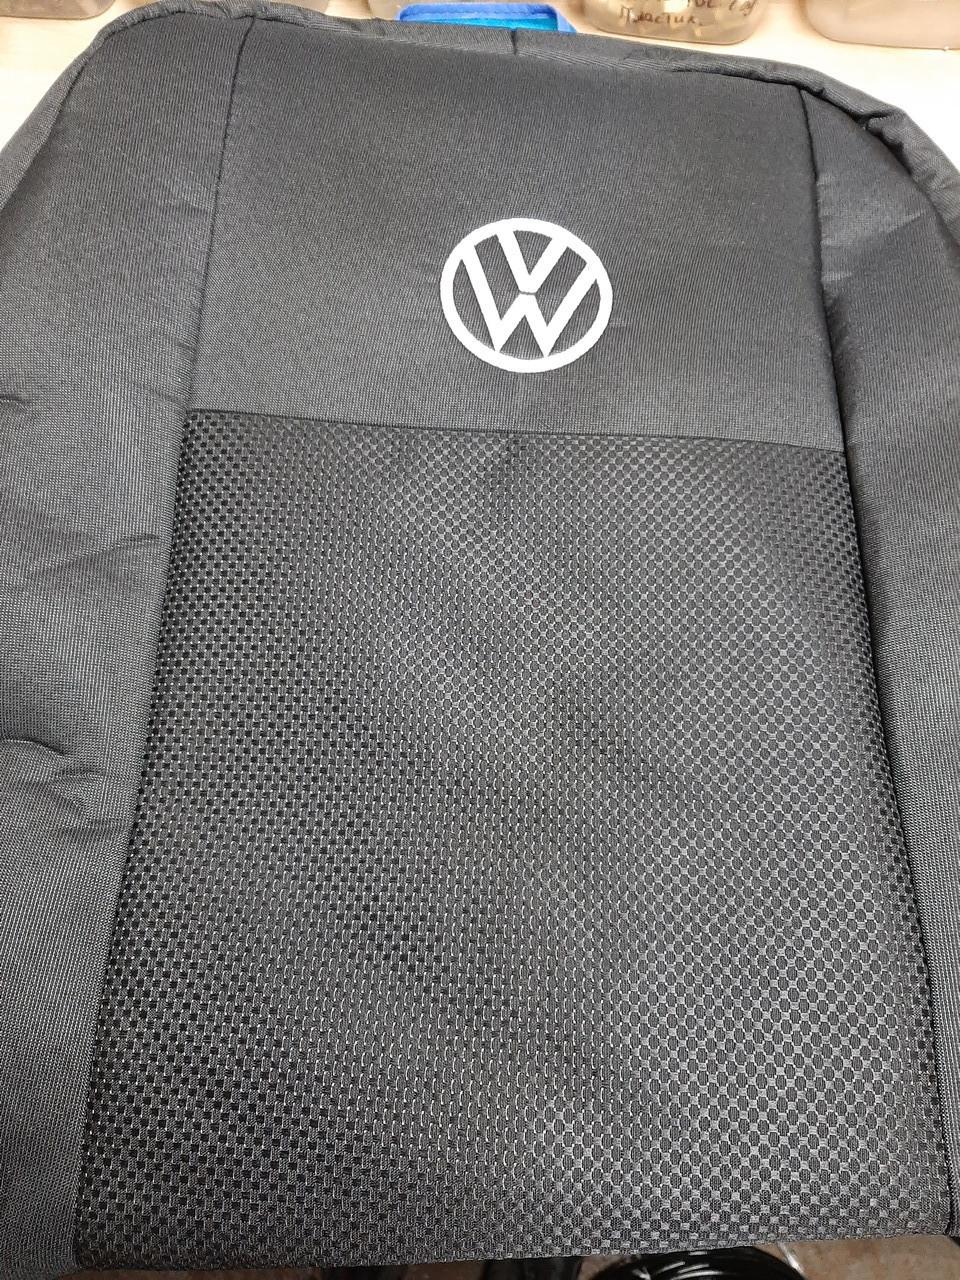 """Чехлы на Фольксваген Кадди (полный комплект) ( Volkswagen Caddy ) 2004-2015 """"Prestige"""" (Стандарт)"""